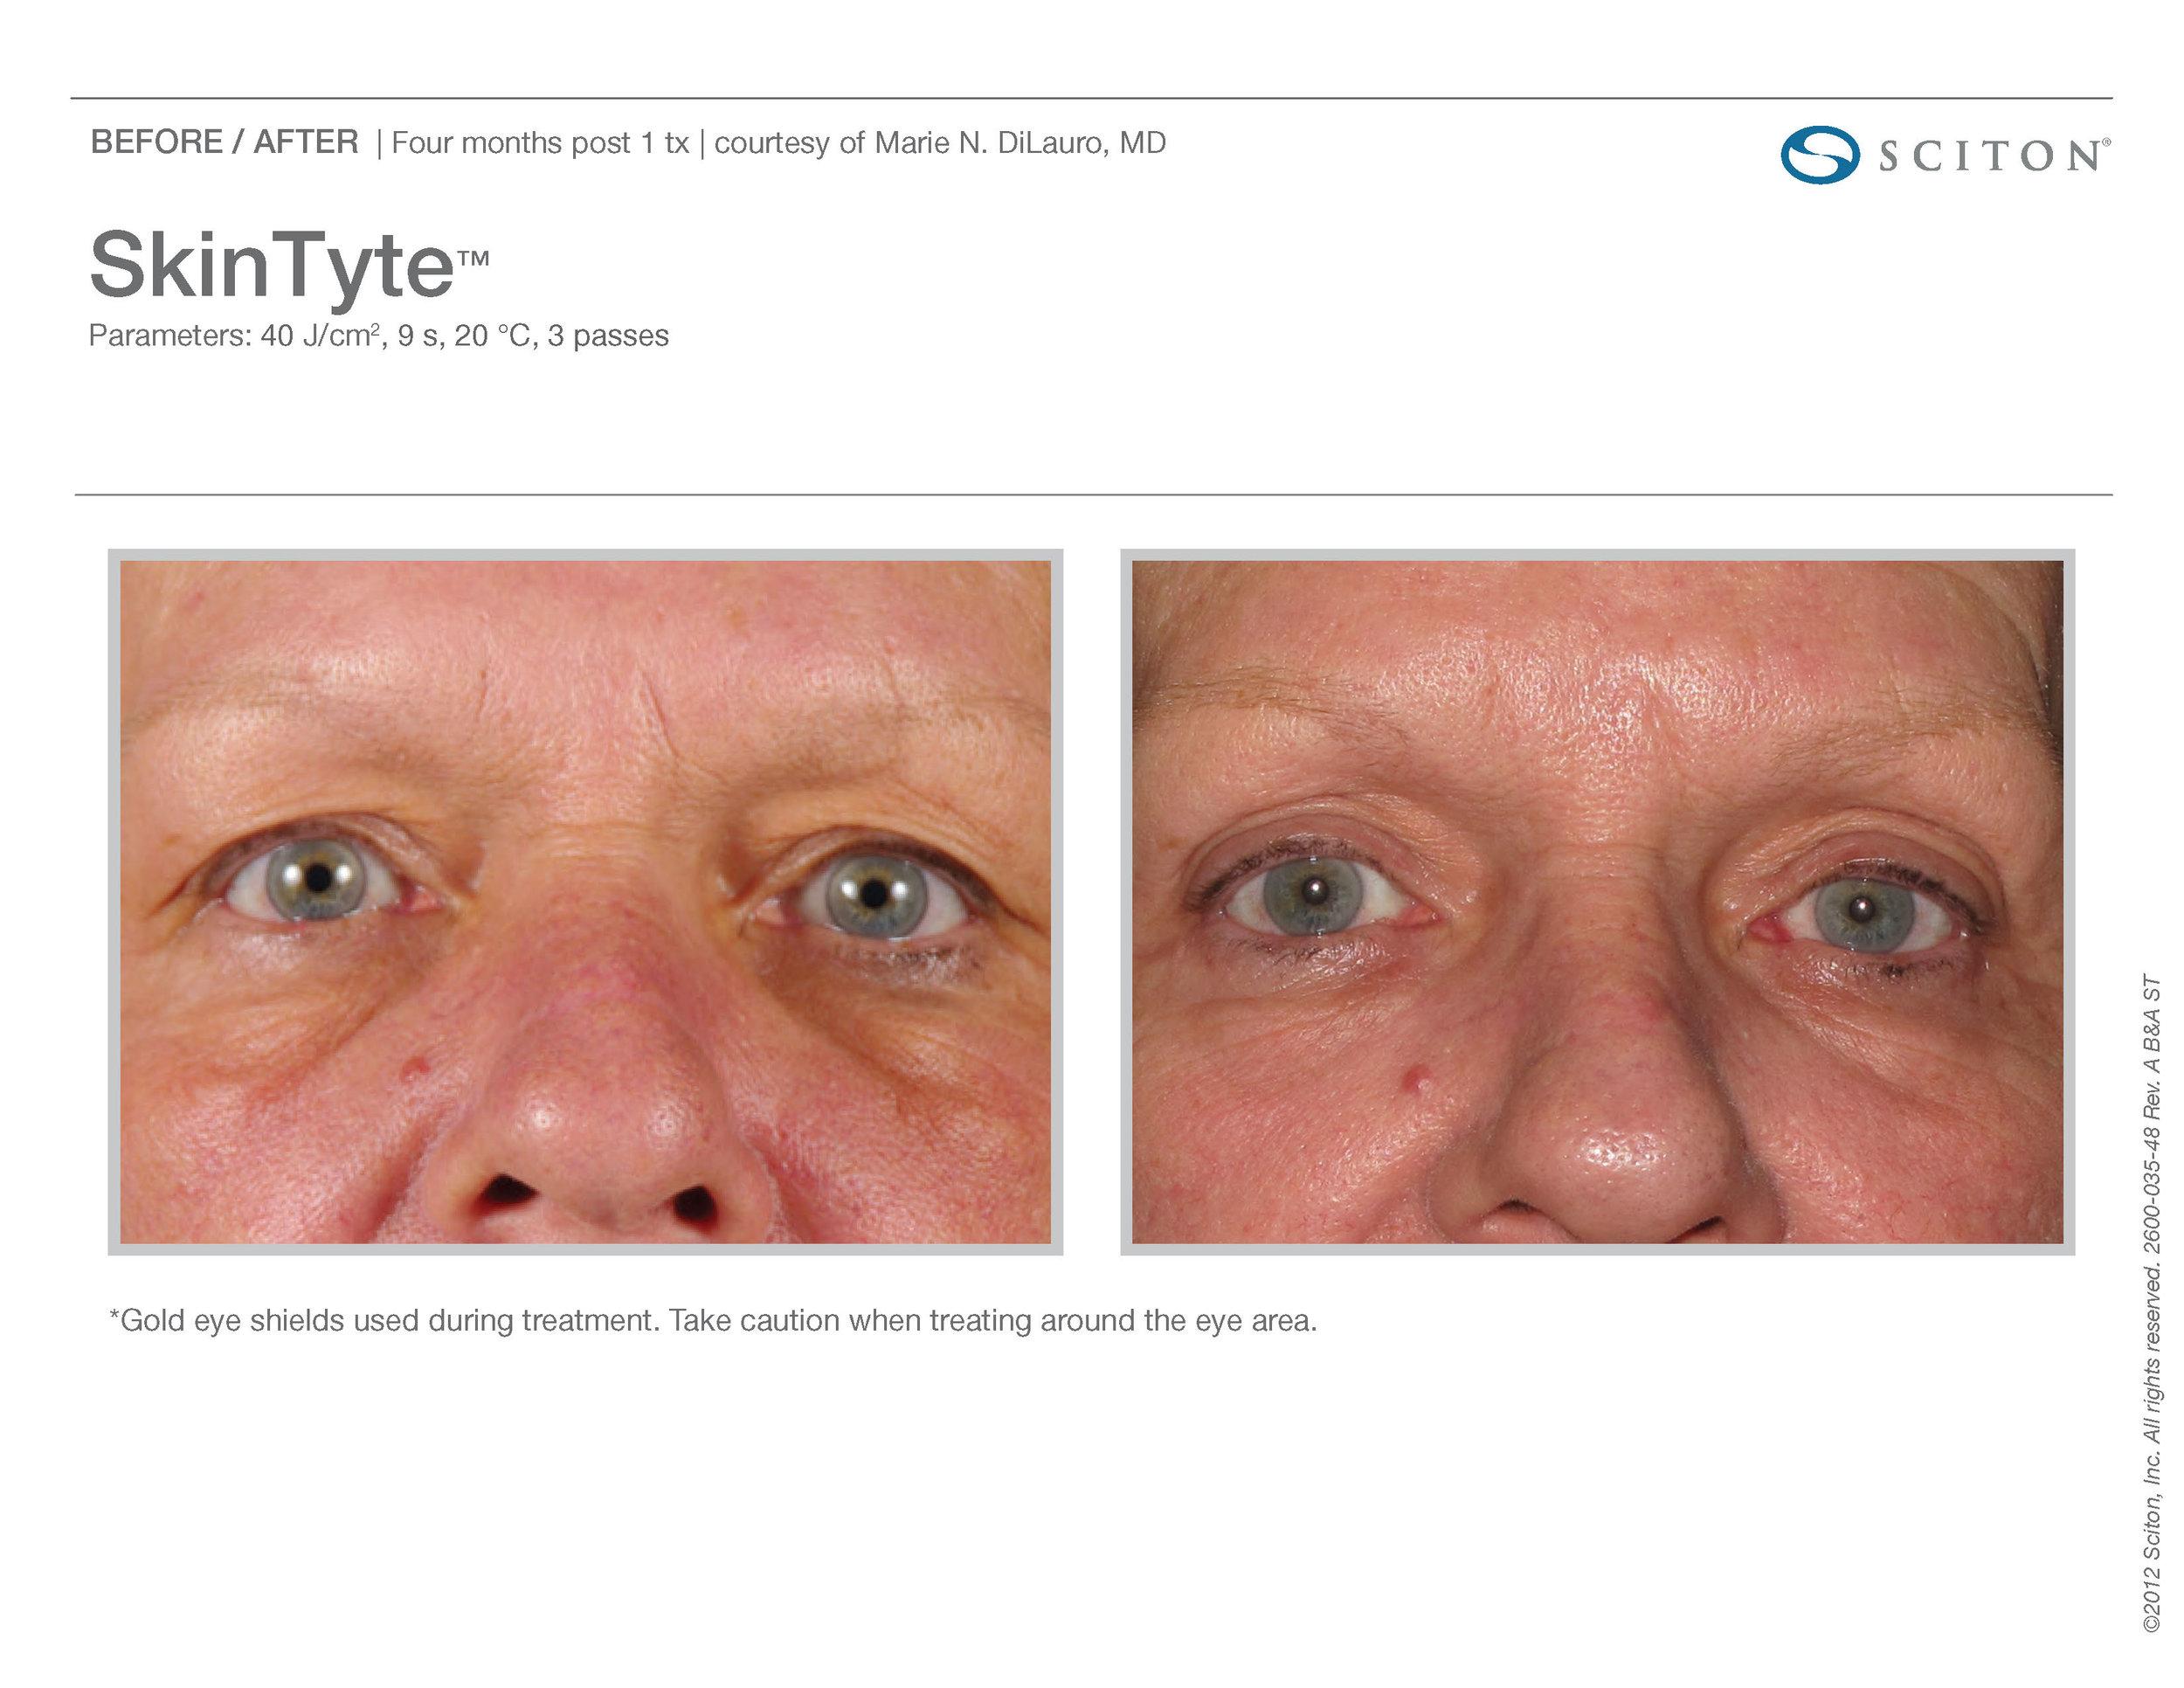 SkinTyte B&A Nov'17_Page_10.jpg